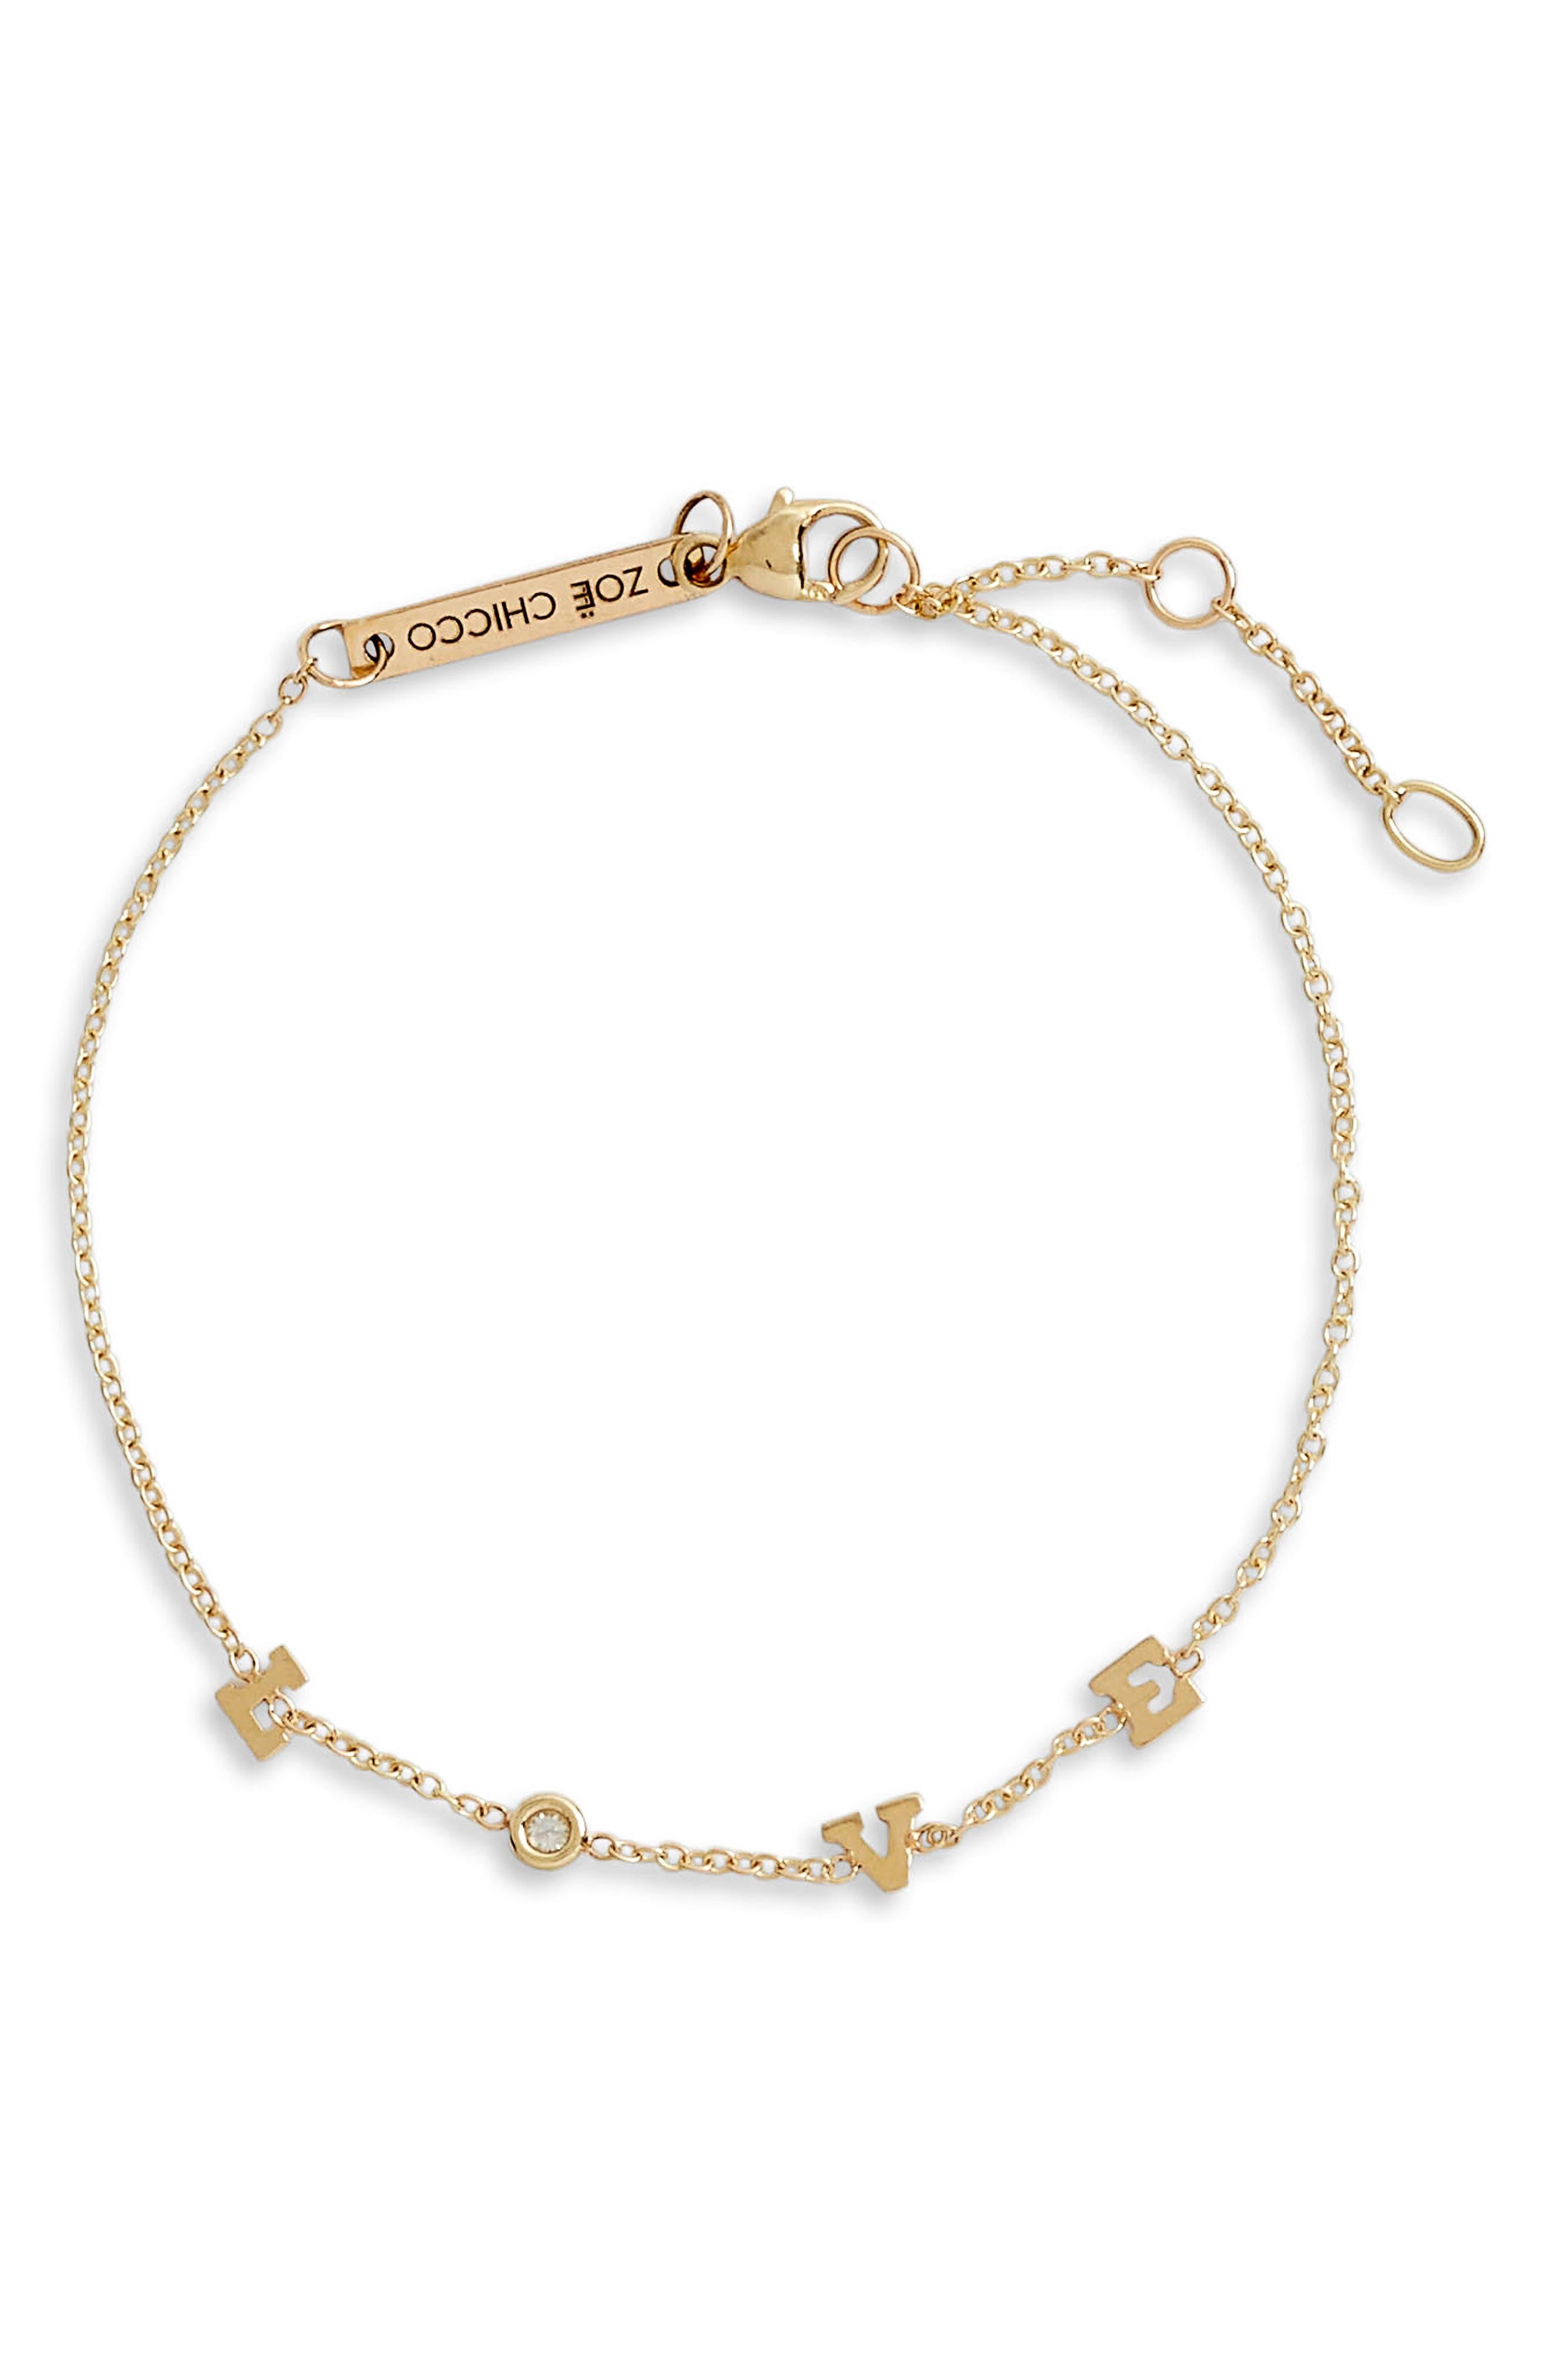 Zoë Chicco Tiny Diamond Love Station Bracelet